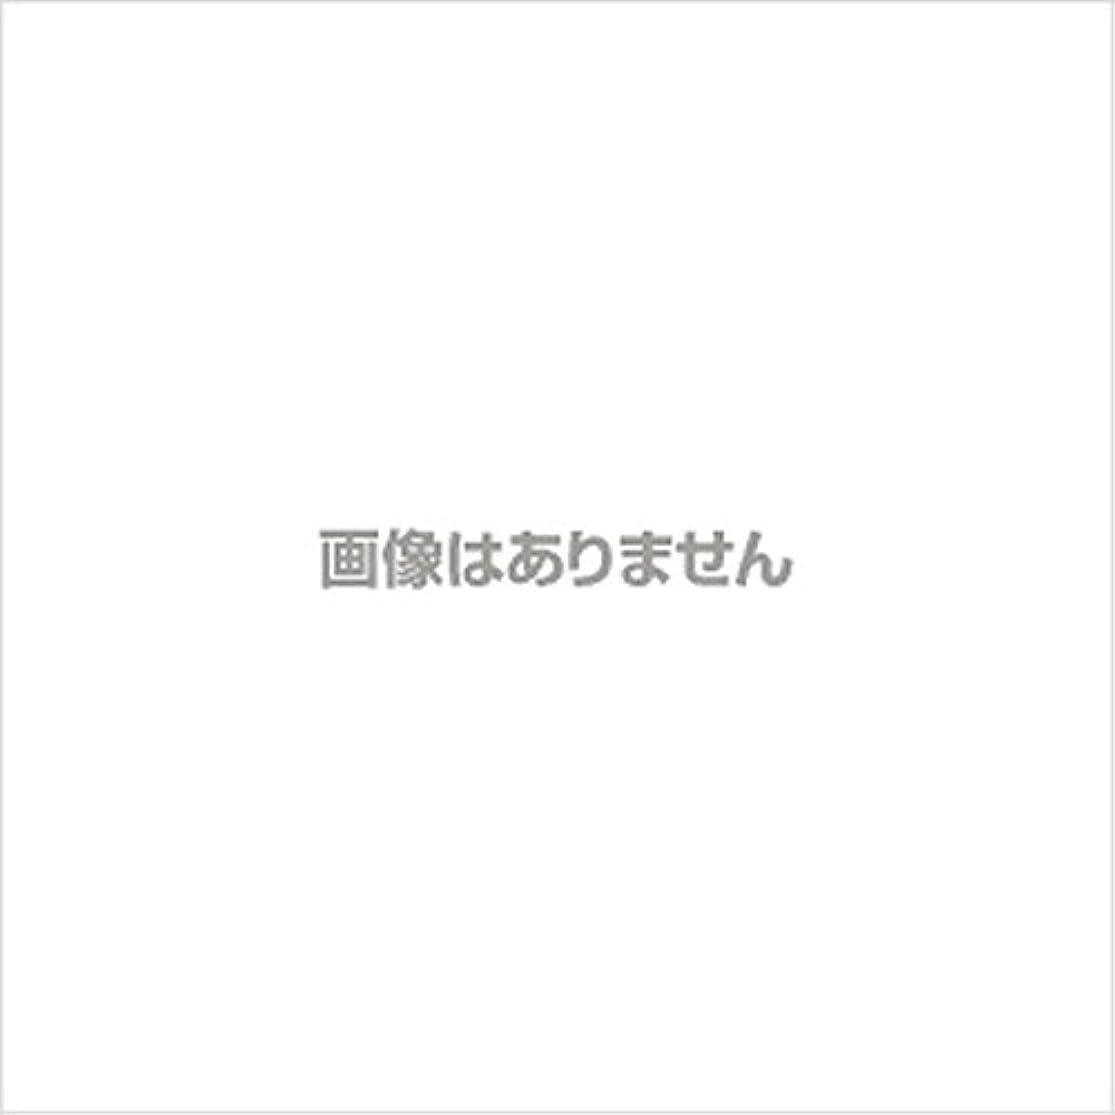 プログレッシブアーティキュレーションスポット新発売】EBUKEA エブケアNO1004 プラスチックグローブ(パウダーフリー?粉なし)Mサイズ 100枚入(極薄?半透明)